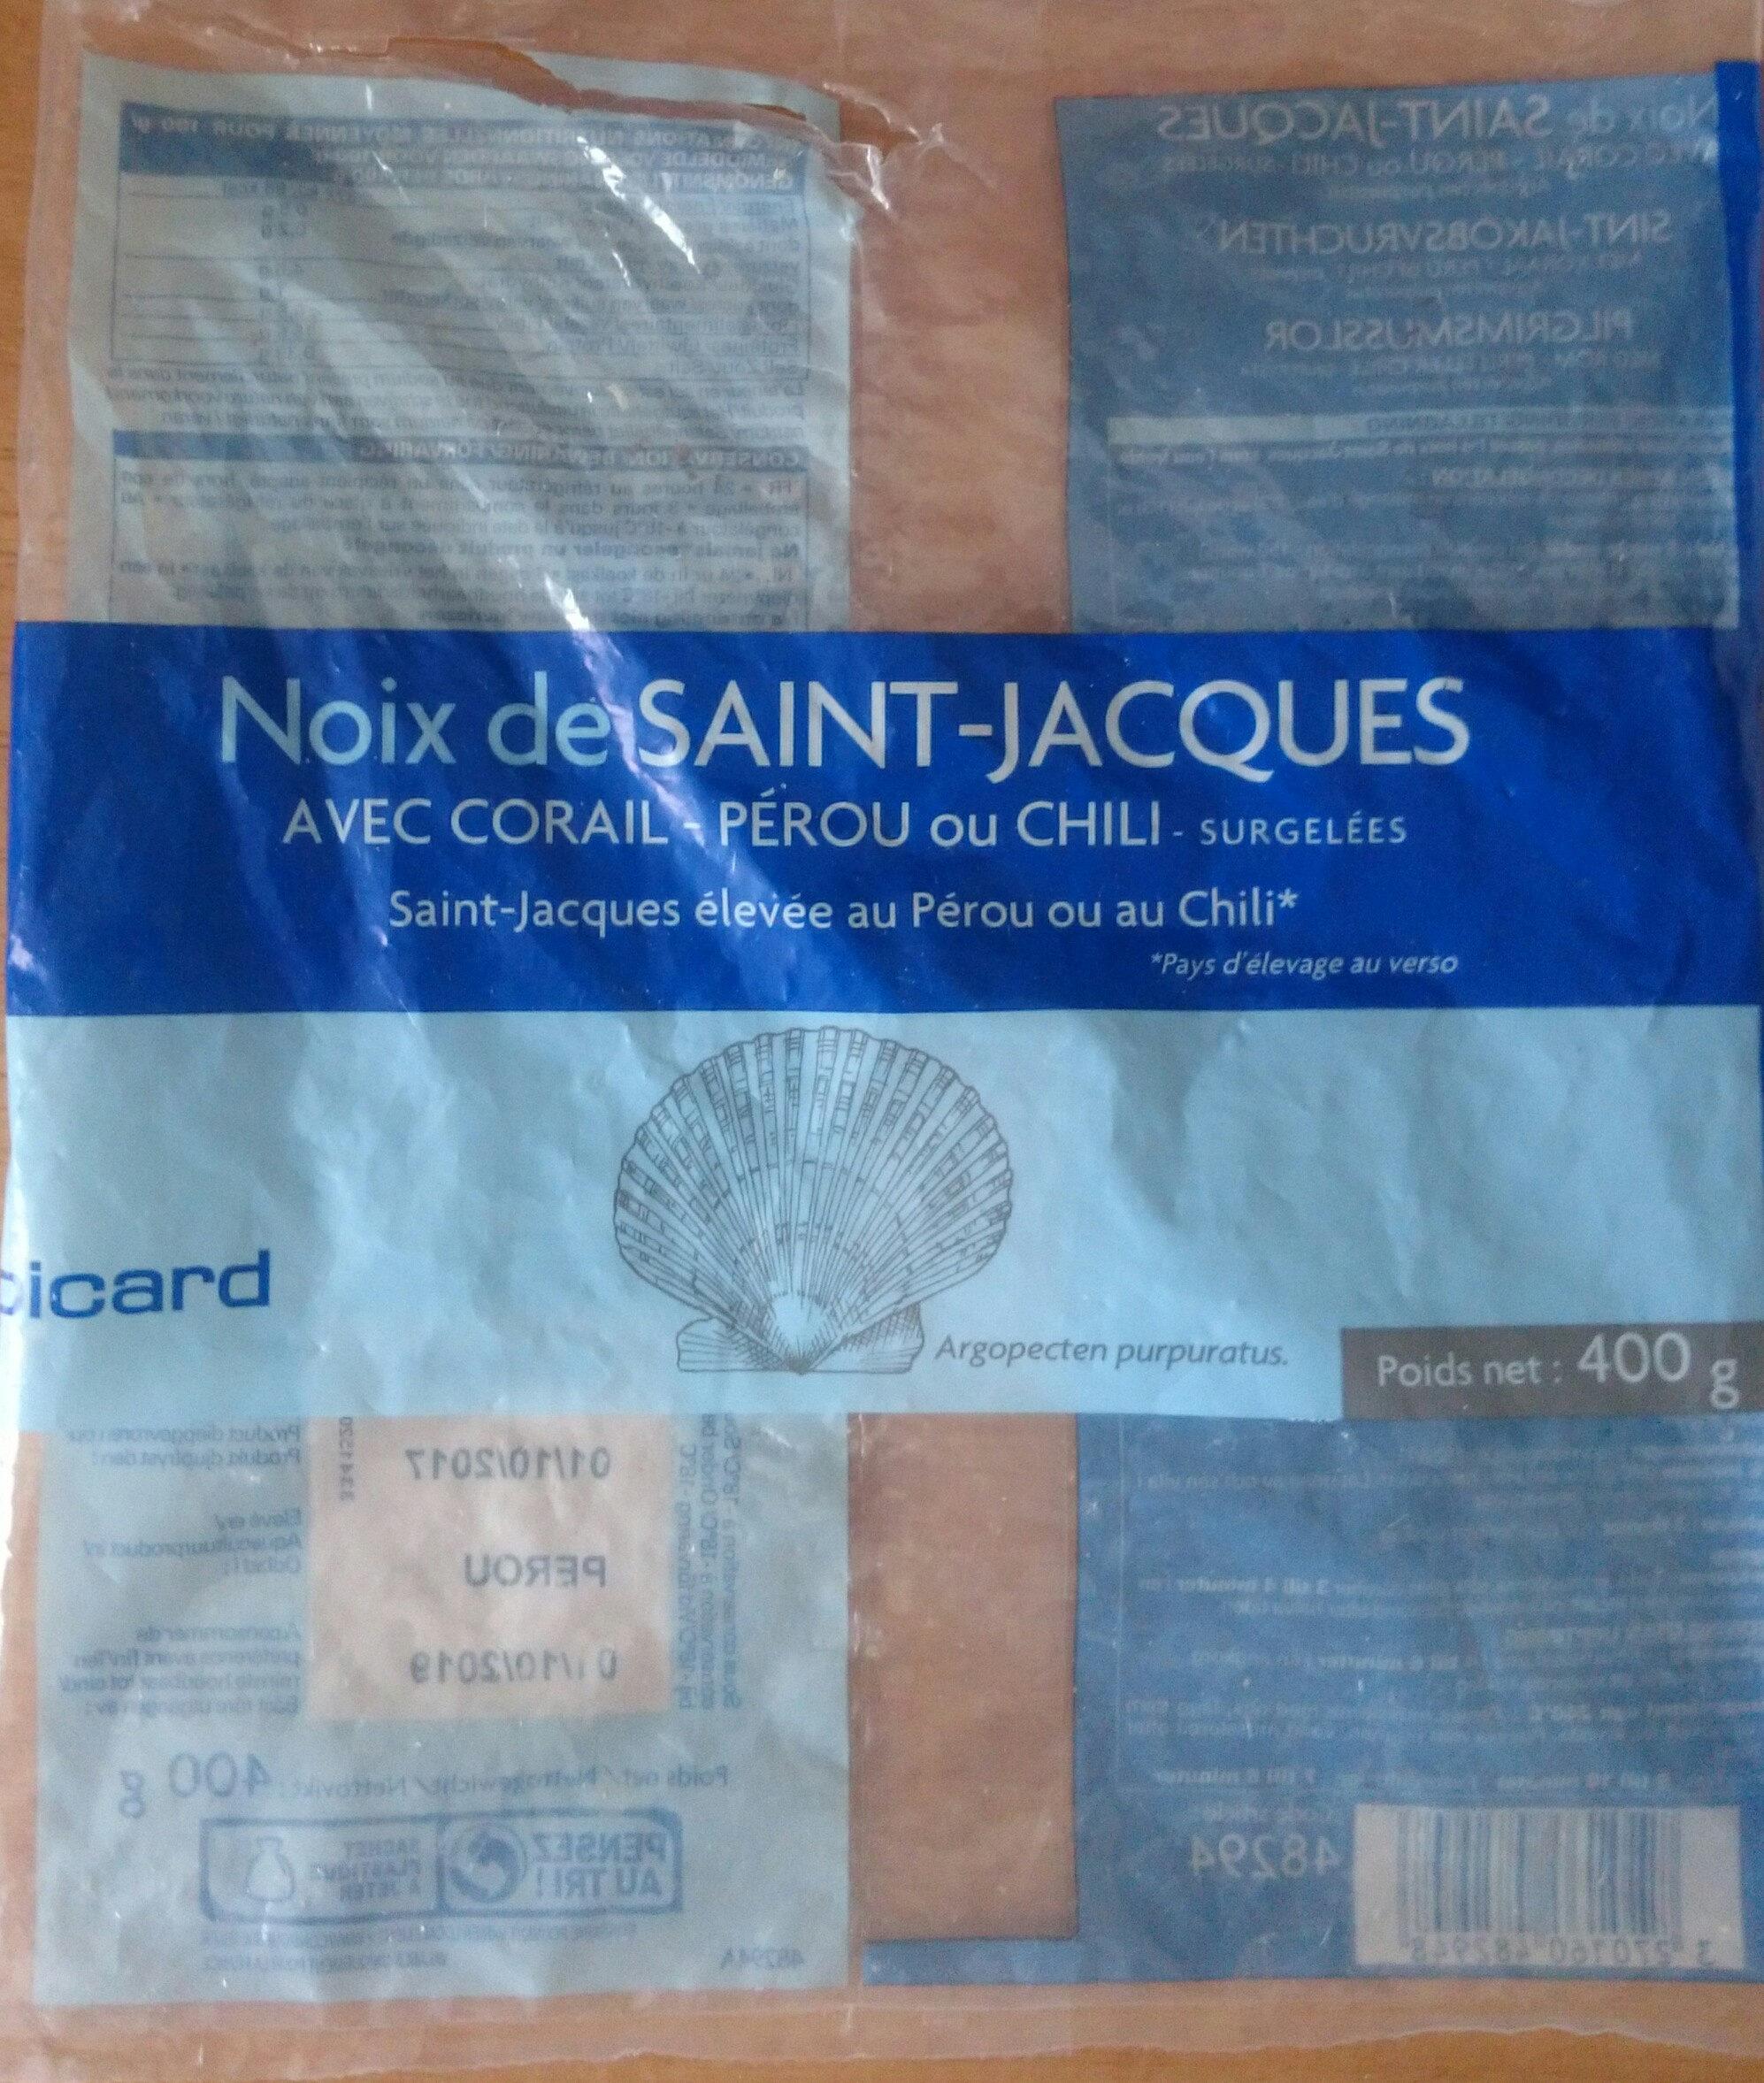 noix de saint jacques - Product - fr